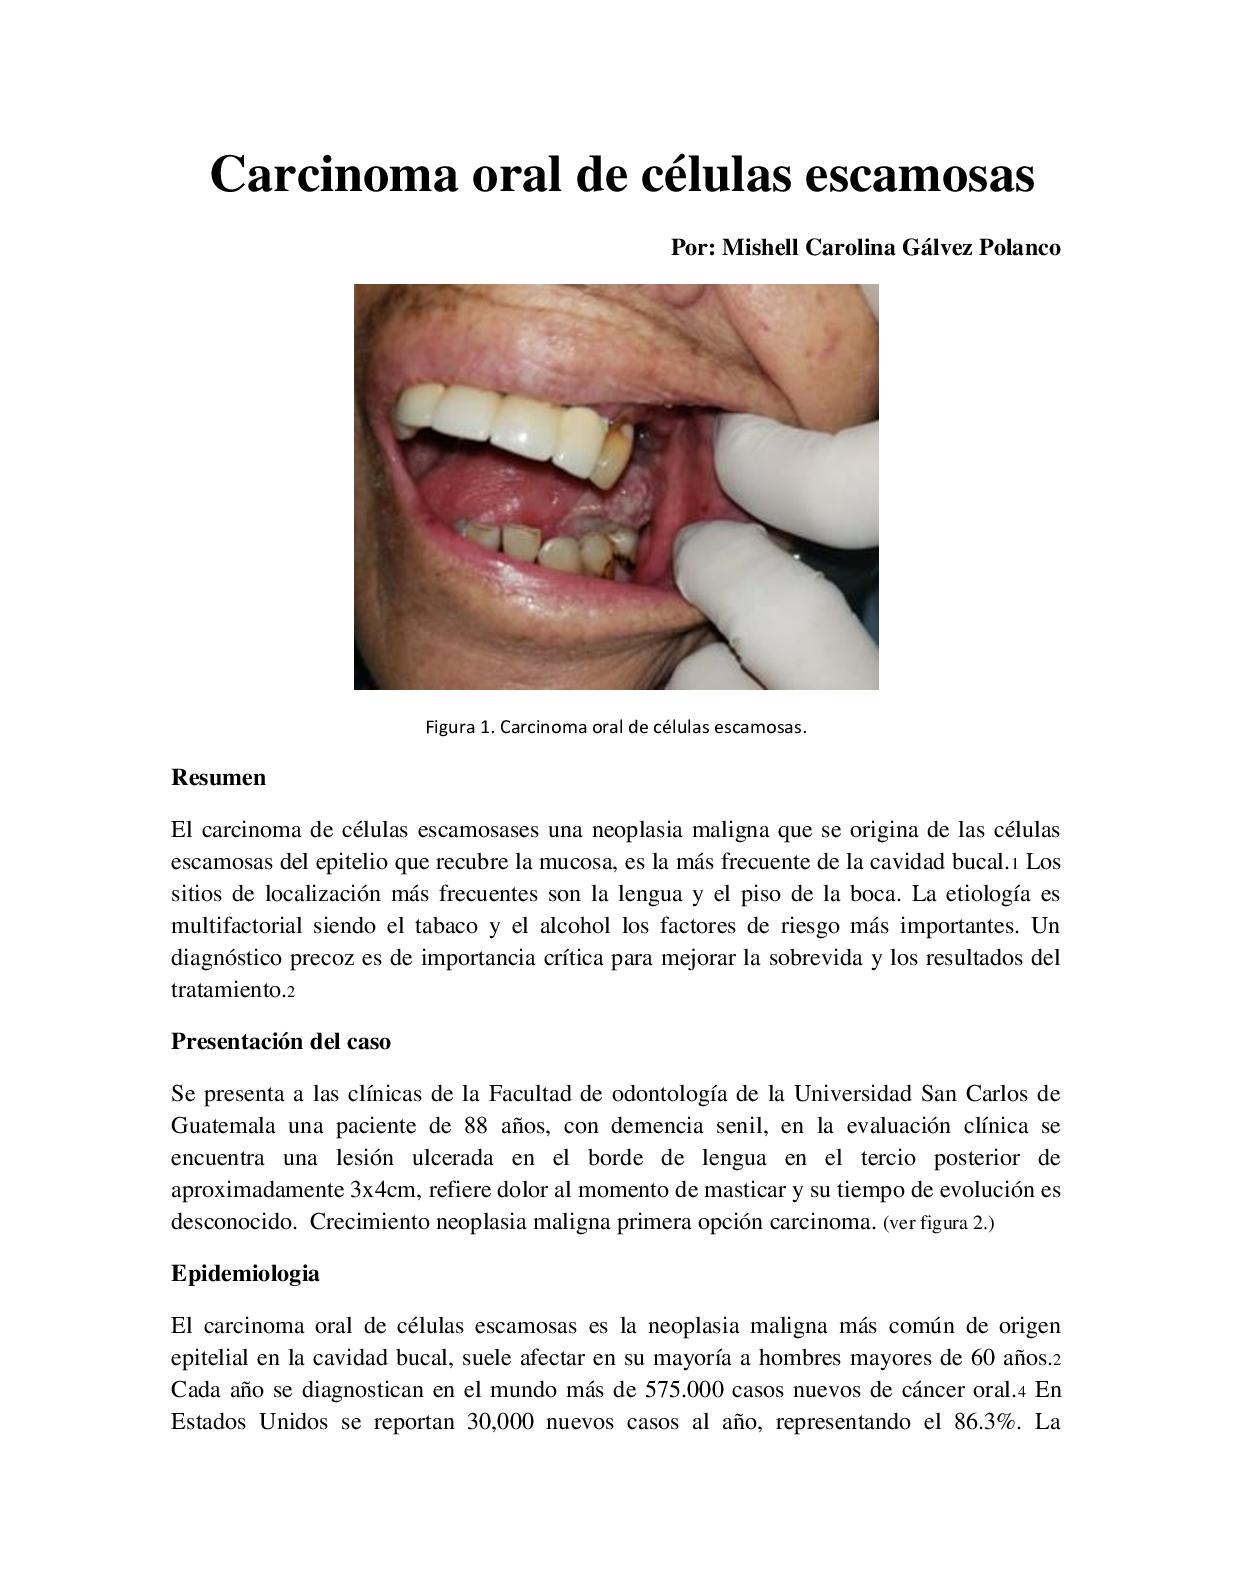 cancer bucal resumen